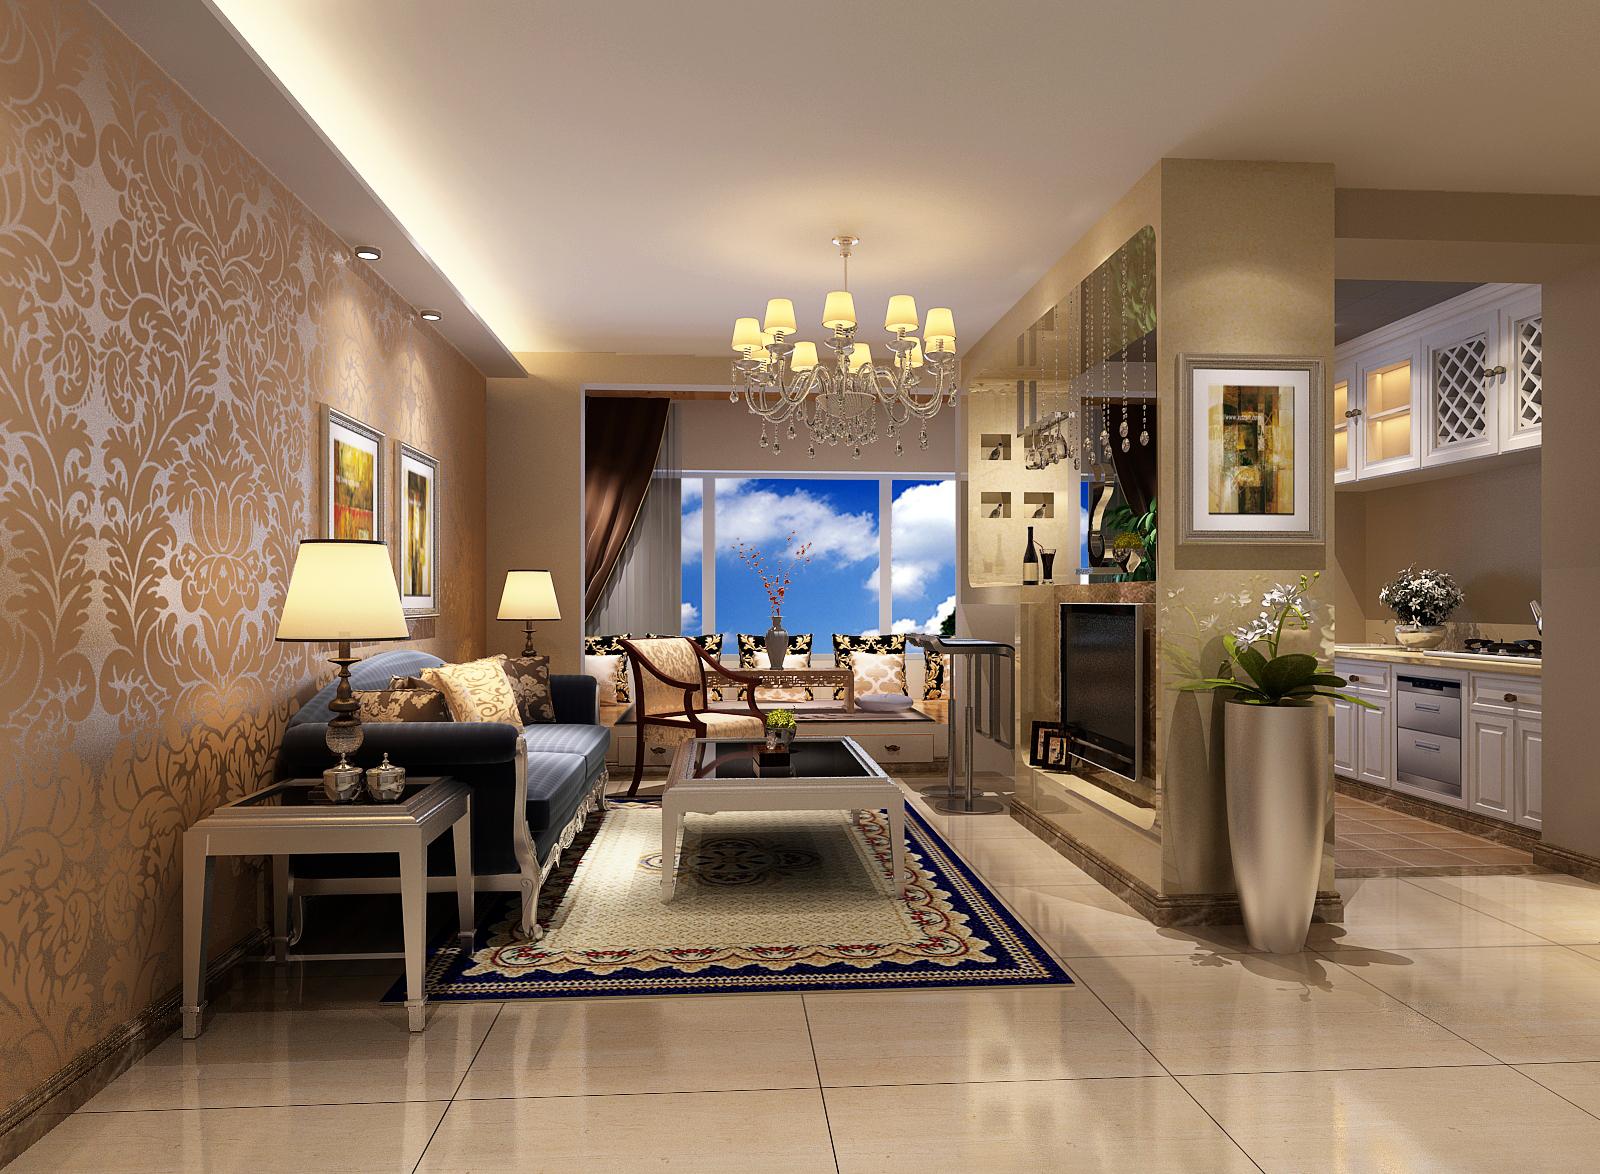 简约 欧式 二居 白领 80后 小资 欧式风格 两居室装修 欧式风格装 客厅图片来自北京实创装饰石头在简欧风格两居室,尊贵与优雅的分享